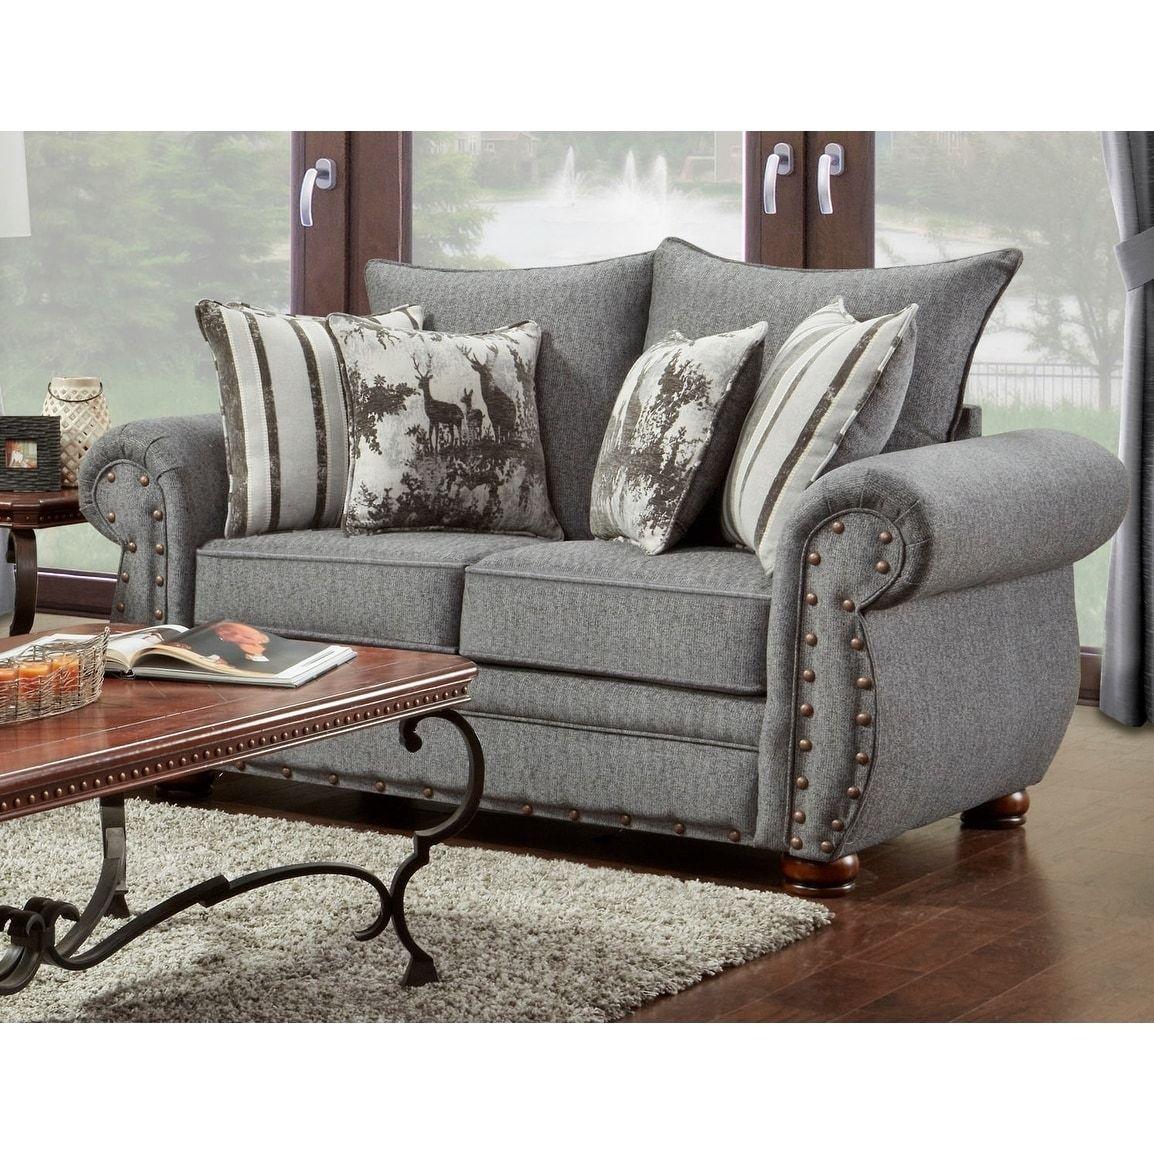 American Furniture Classics Model B3102 Ersl Elk River Storm